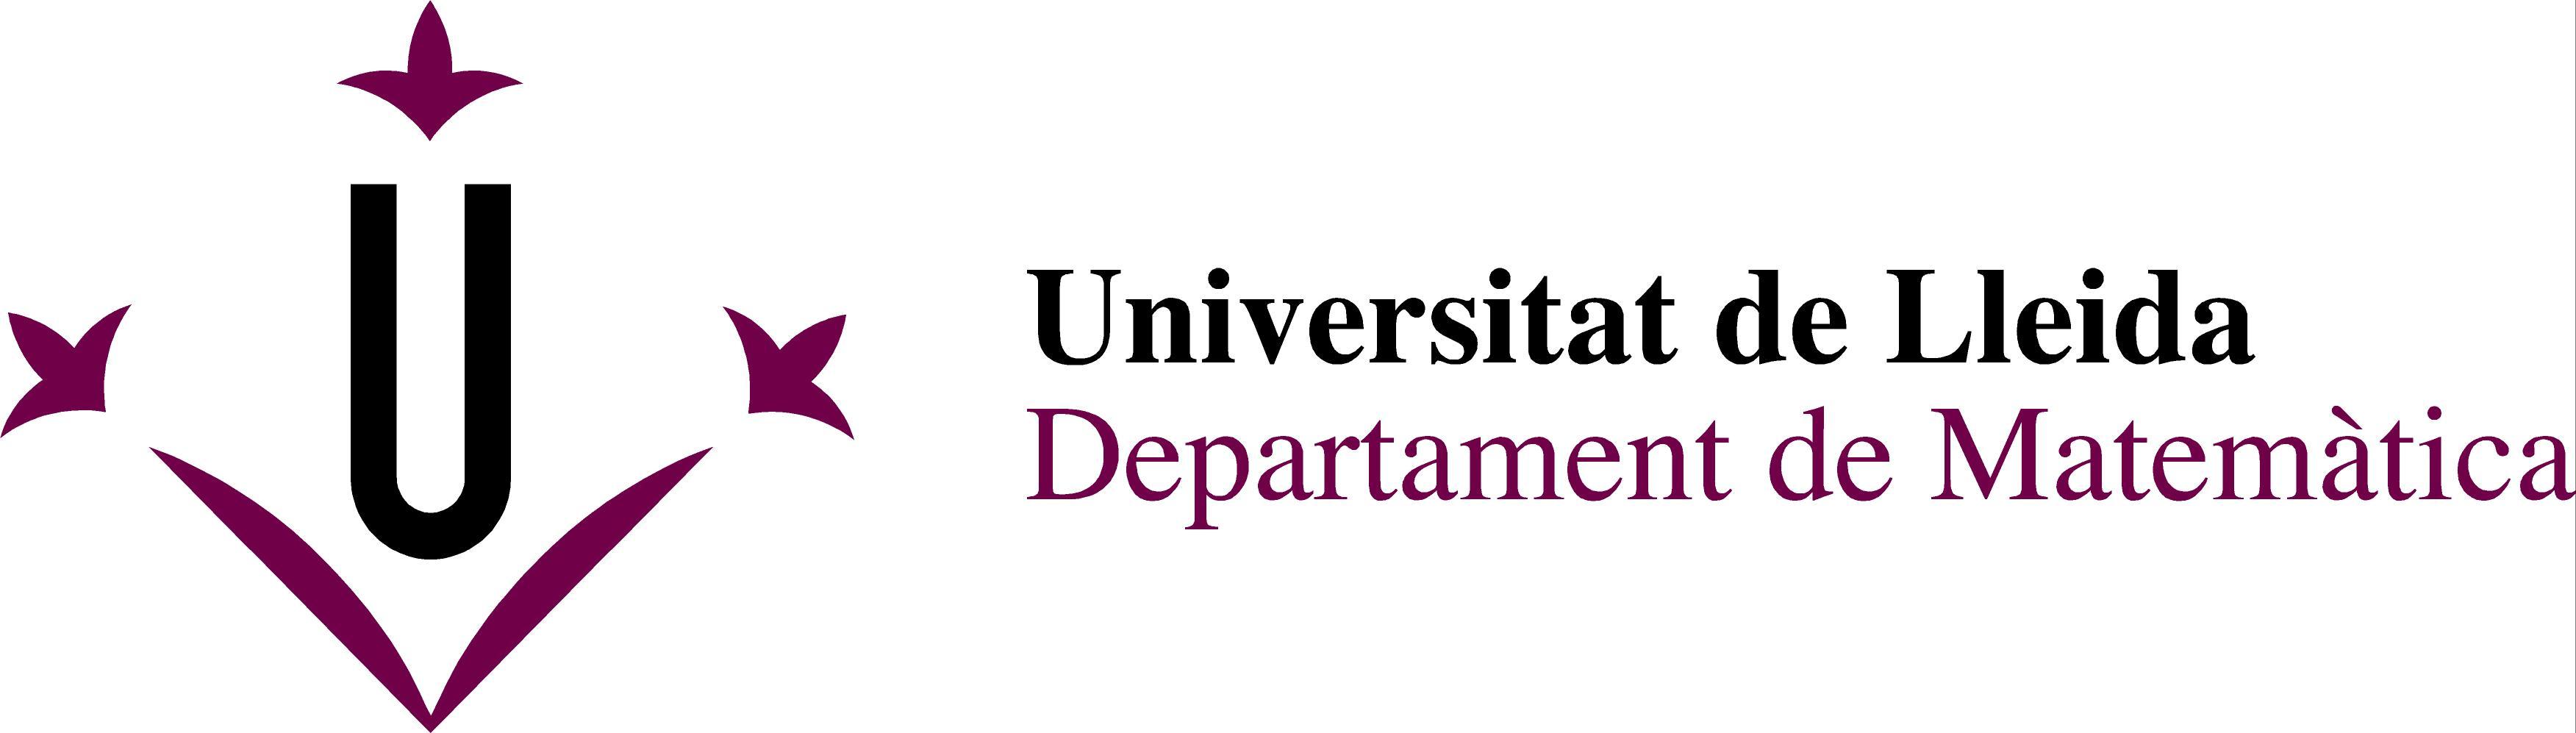 University of Lleida (UdL)